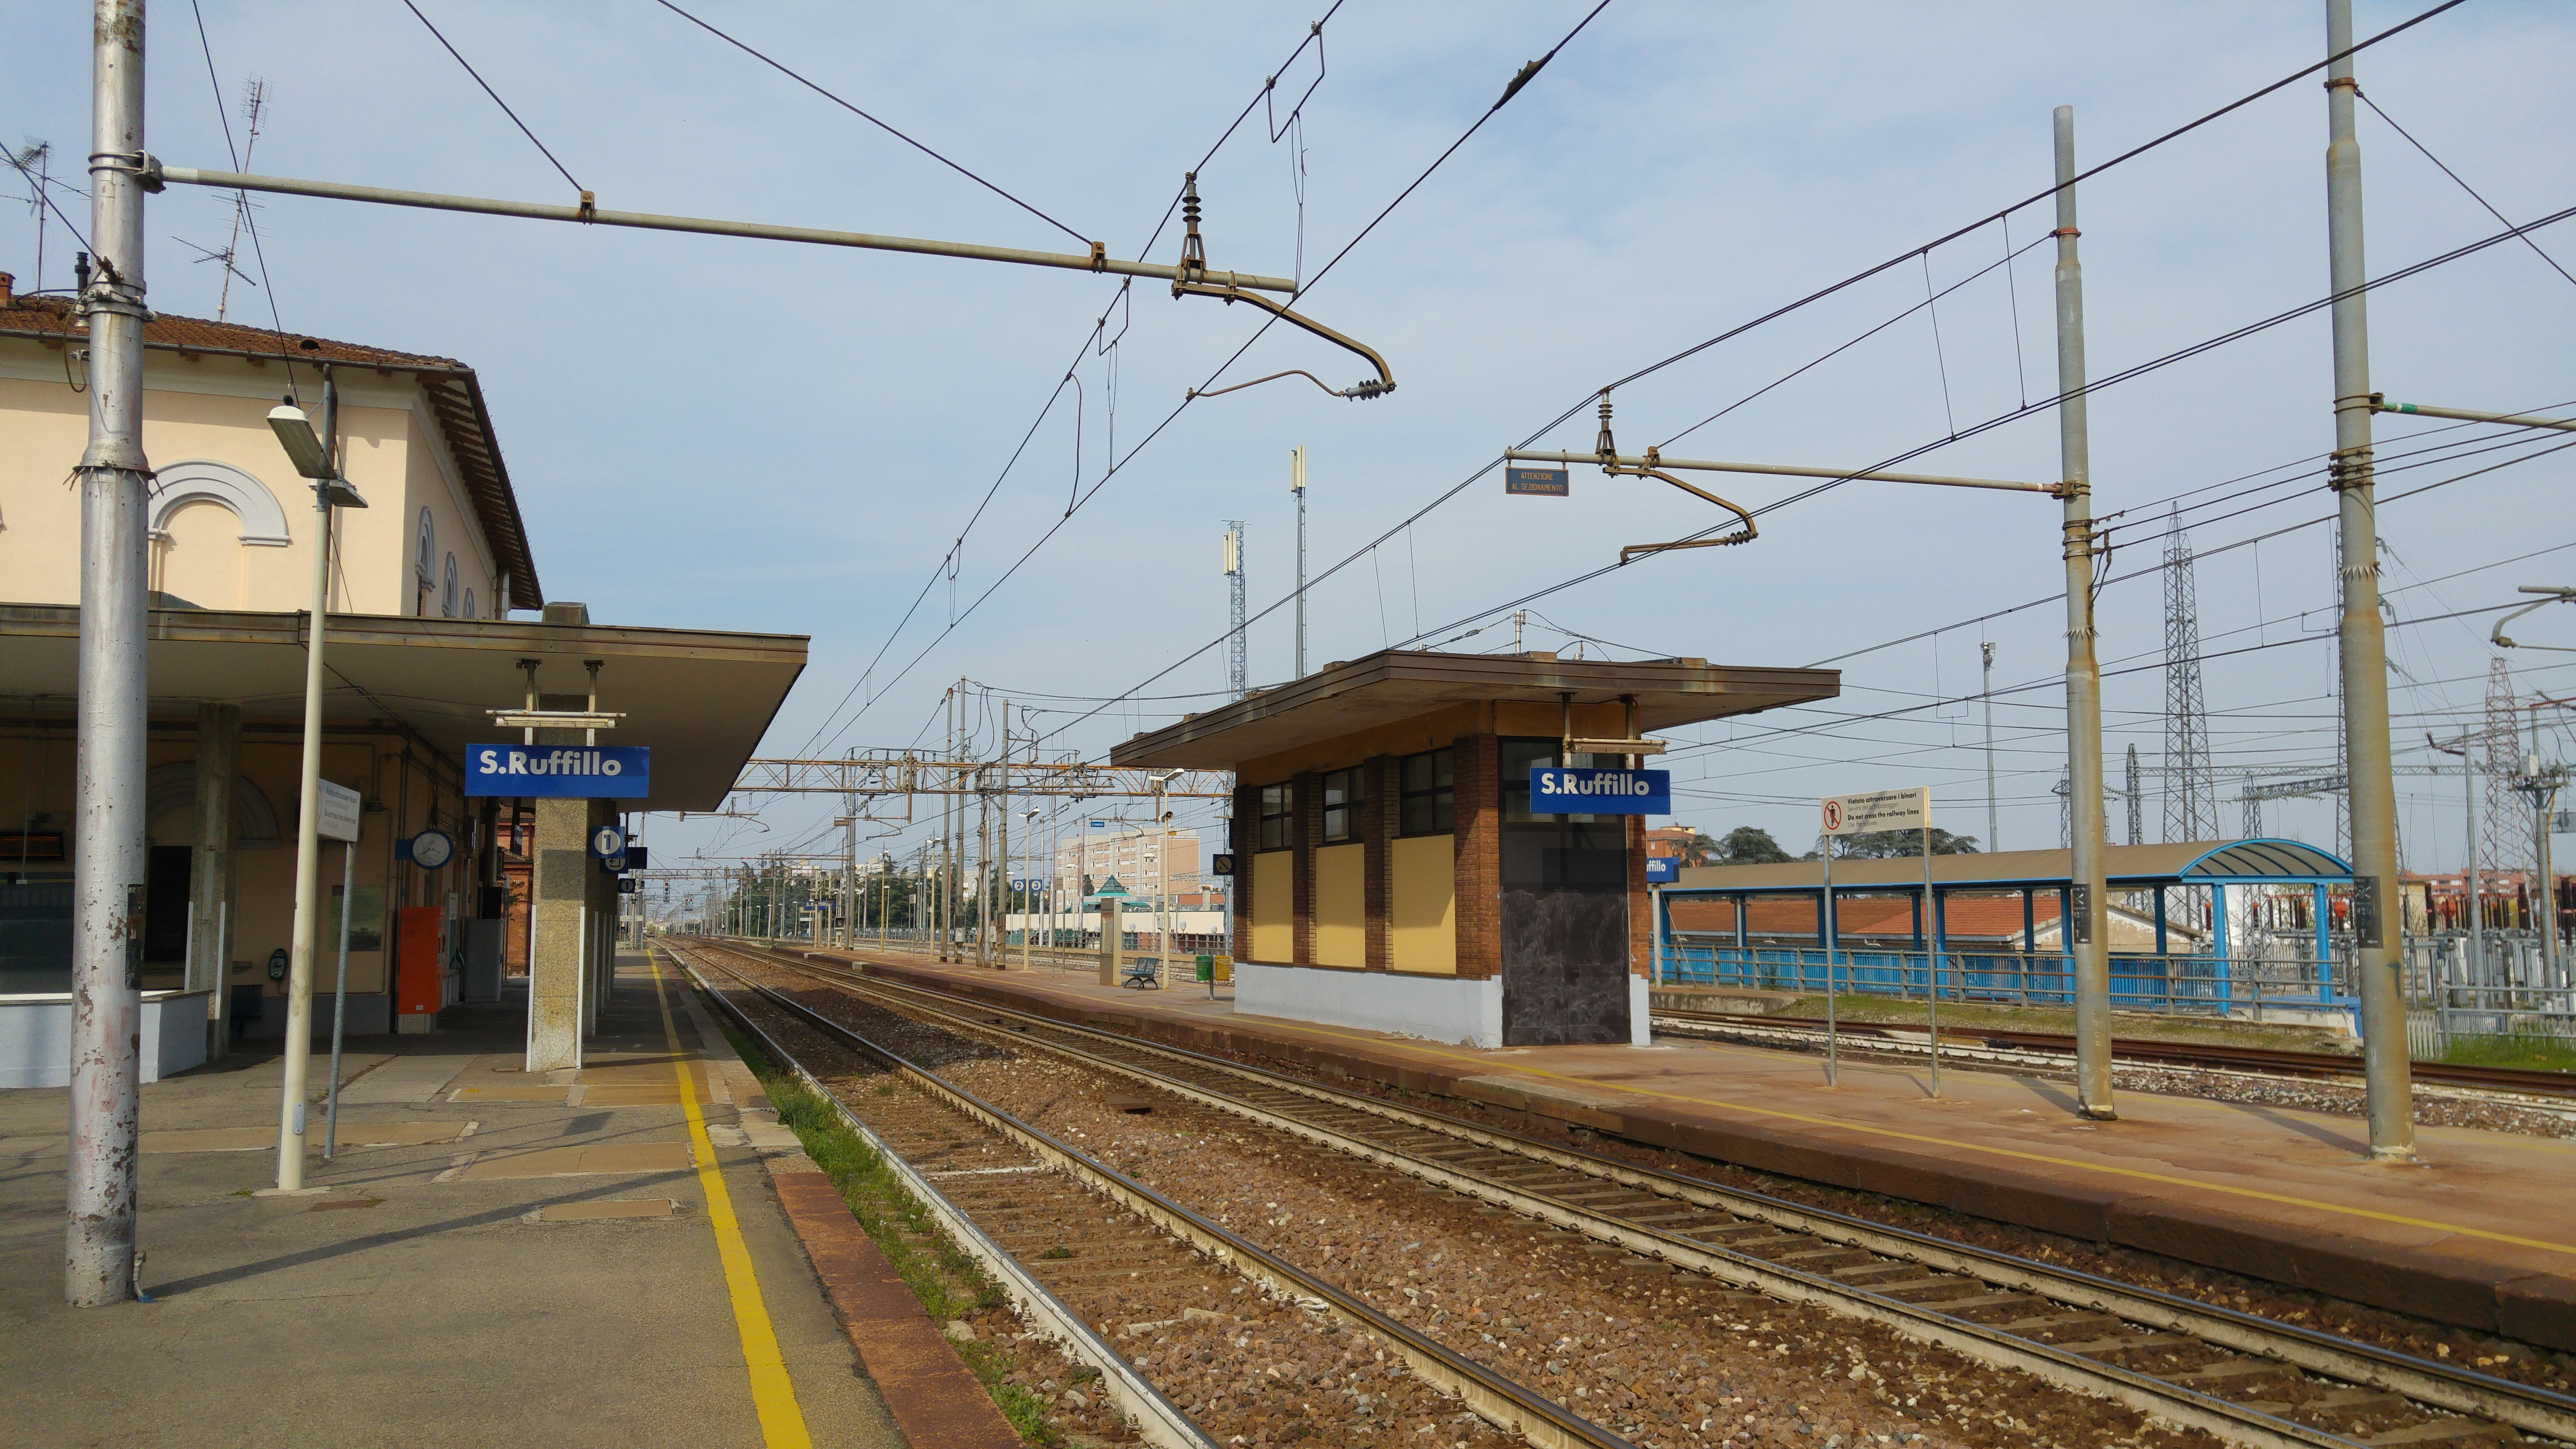 Bologna l allarme bomba in stazione cronaca ilrestodelcarlino